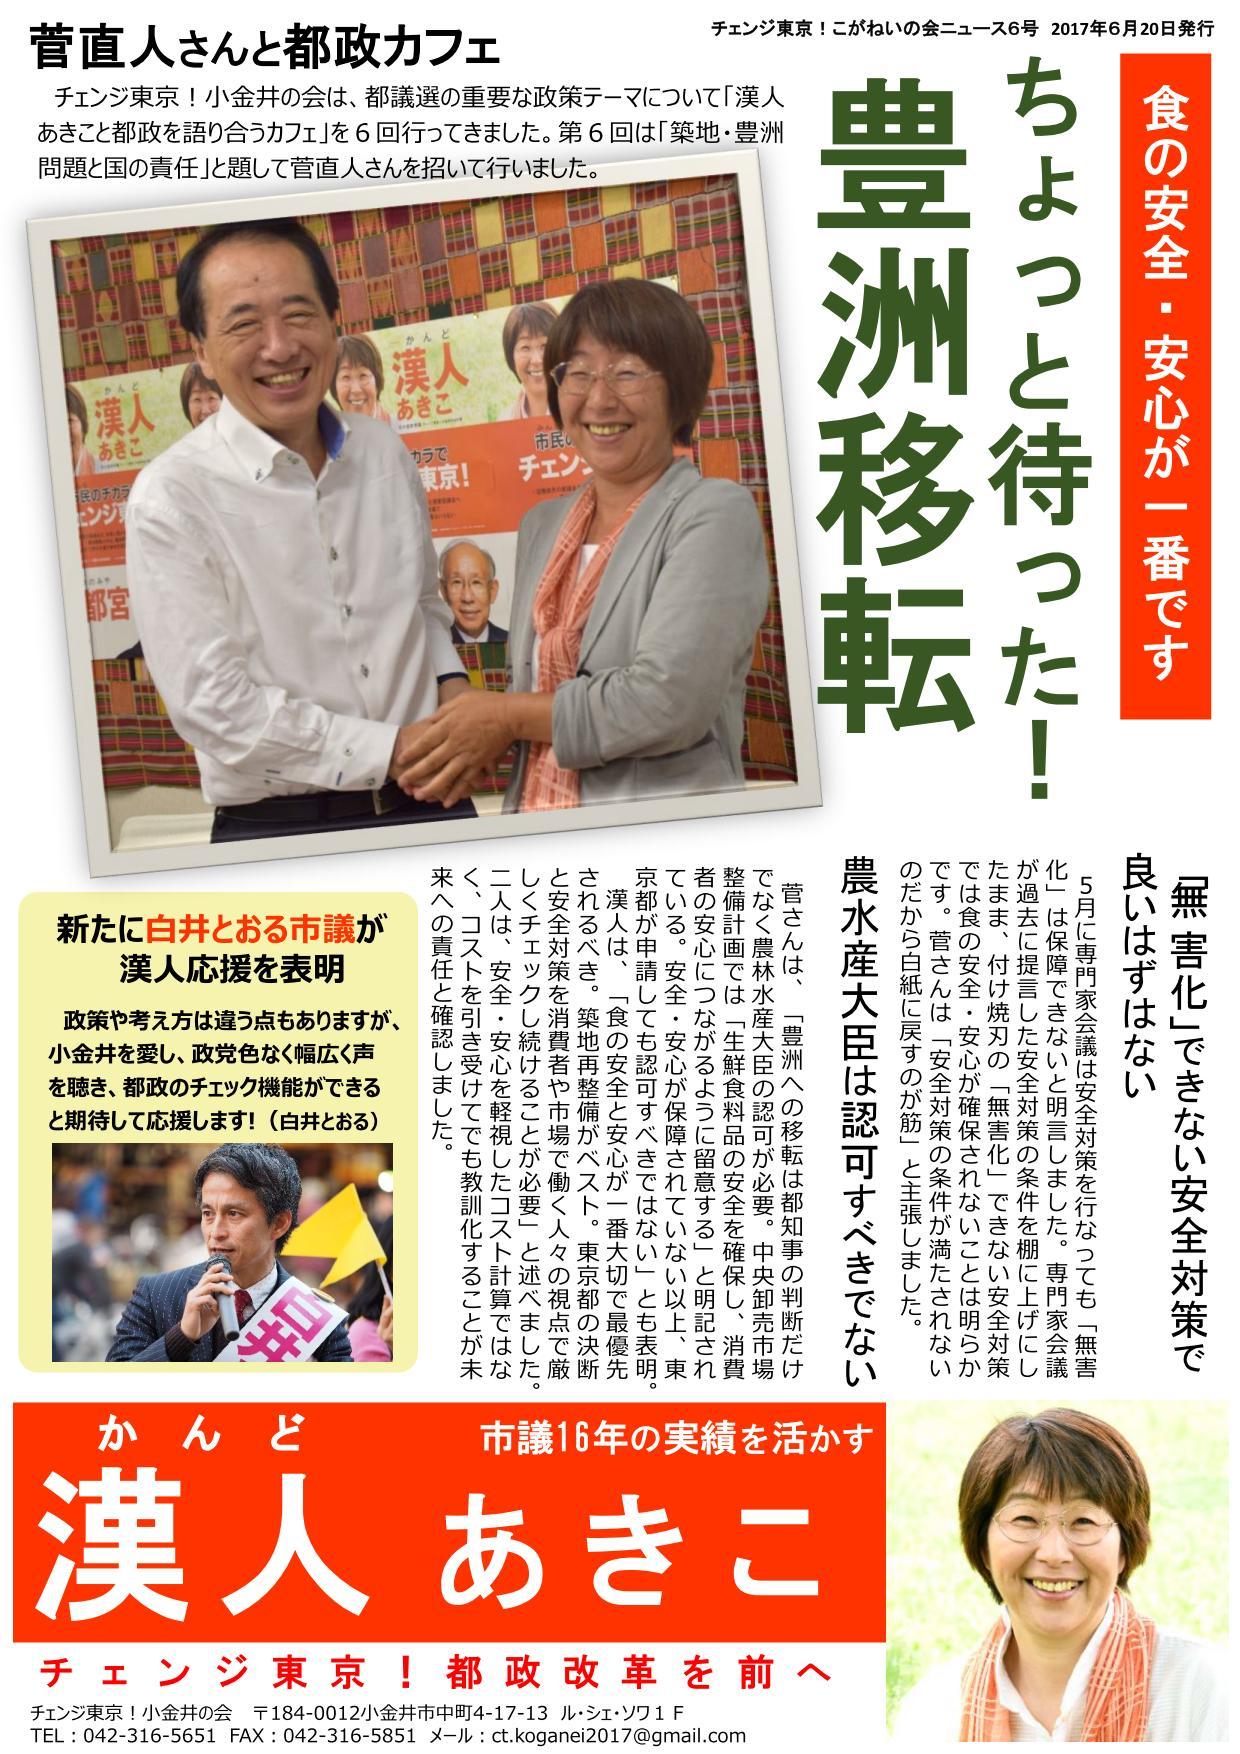 チェンジ東京!小金井の会ニュース 6号-表